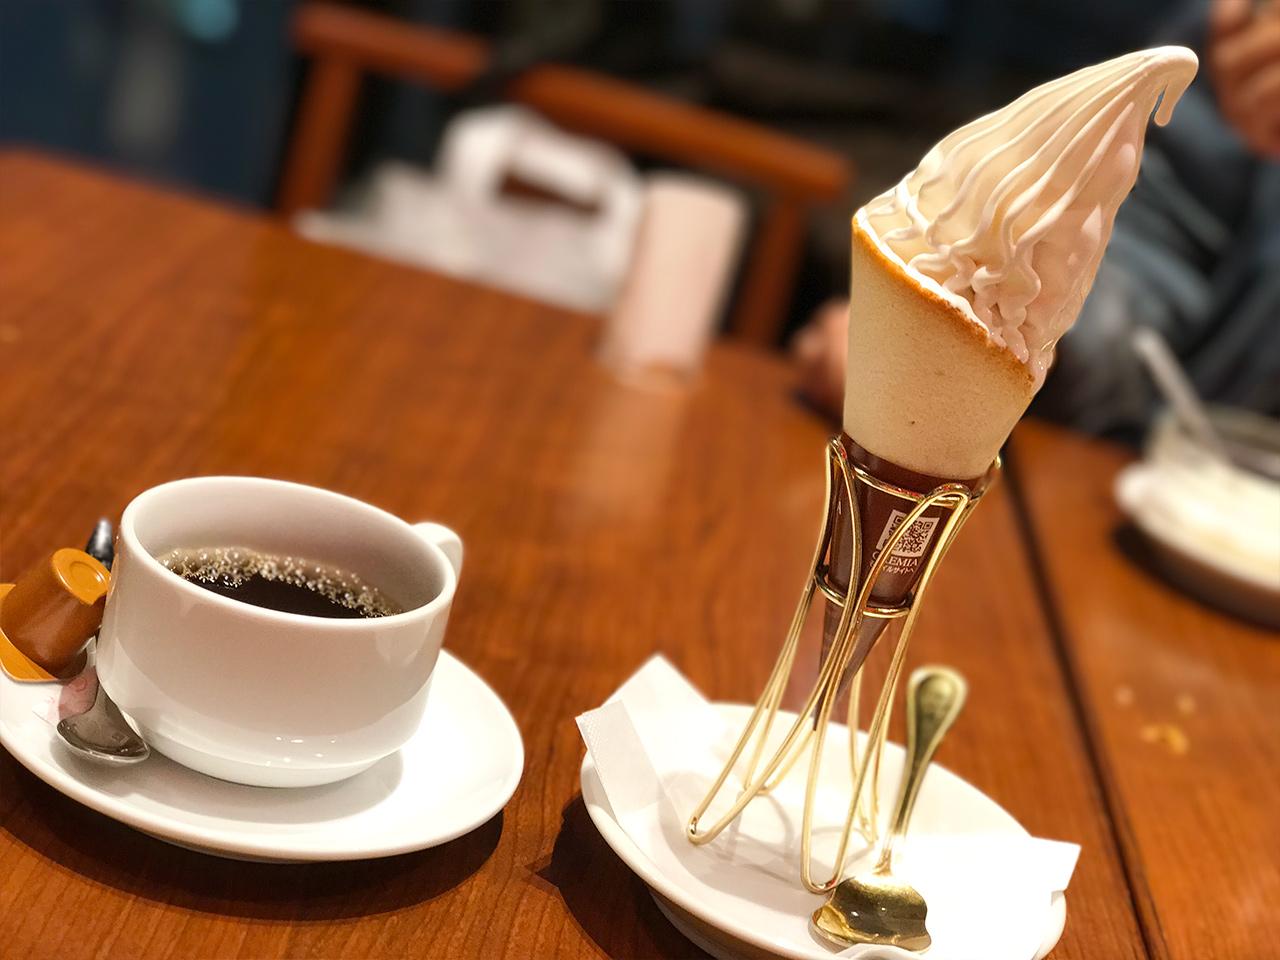 銀座「天龍」のソフトクリームとホットコーヒー